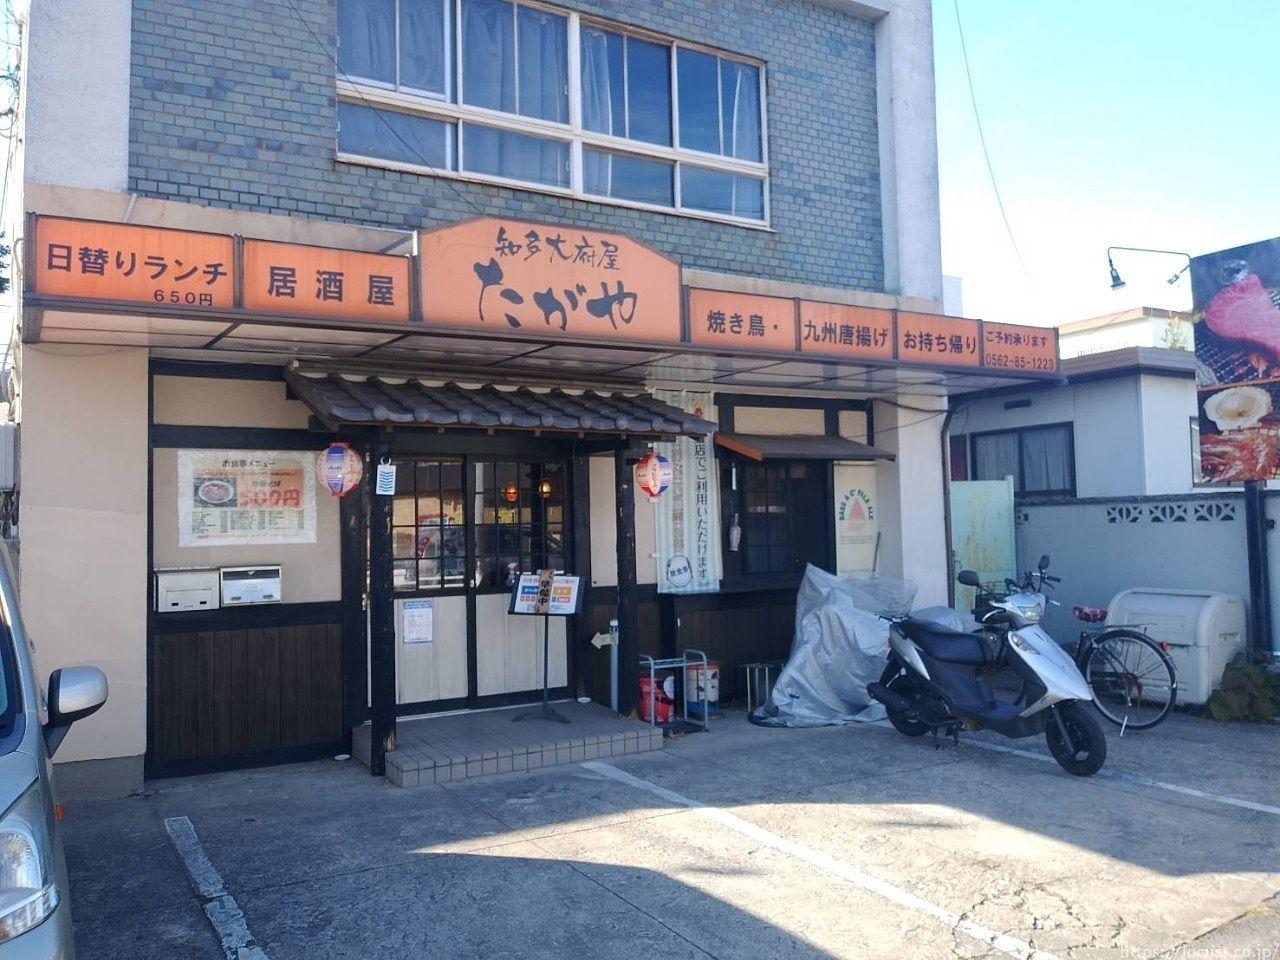 大府市共栄町 知多大府屋たがや に行ってきました。ランチメニューは肉推しのガッツリ系でした。